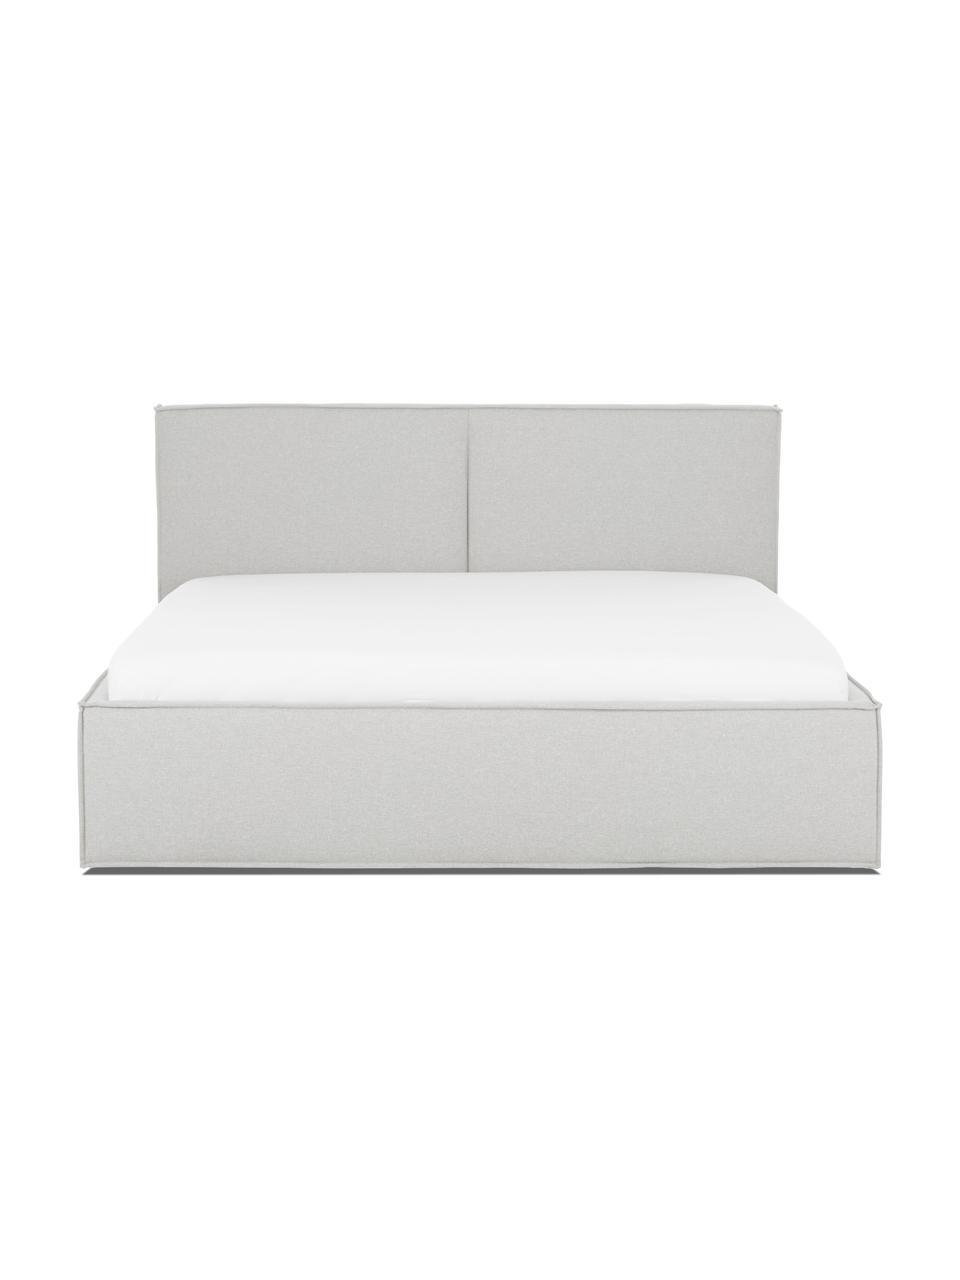 Gestoffeerd bed Dream met opbergruimte in lichtgrijs, Frame: massief grenenhout en pla, Bekleding: polyester (gestructureerd, Geweven stof lichtgrijs, 180 x 200 cm